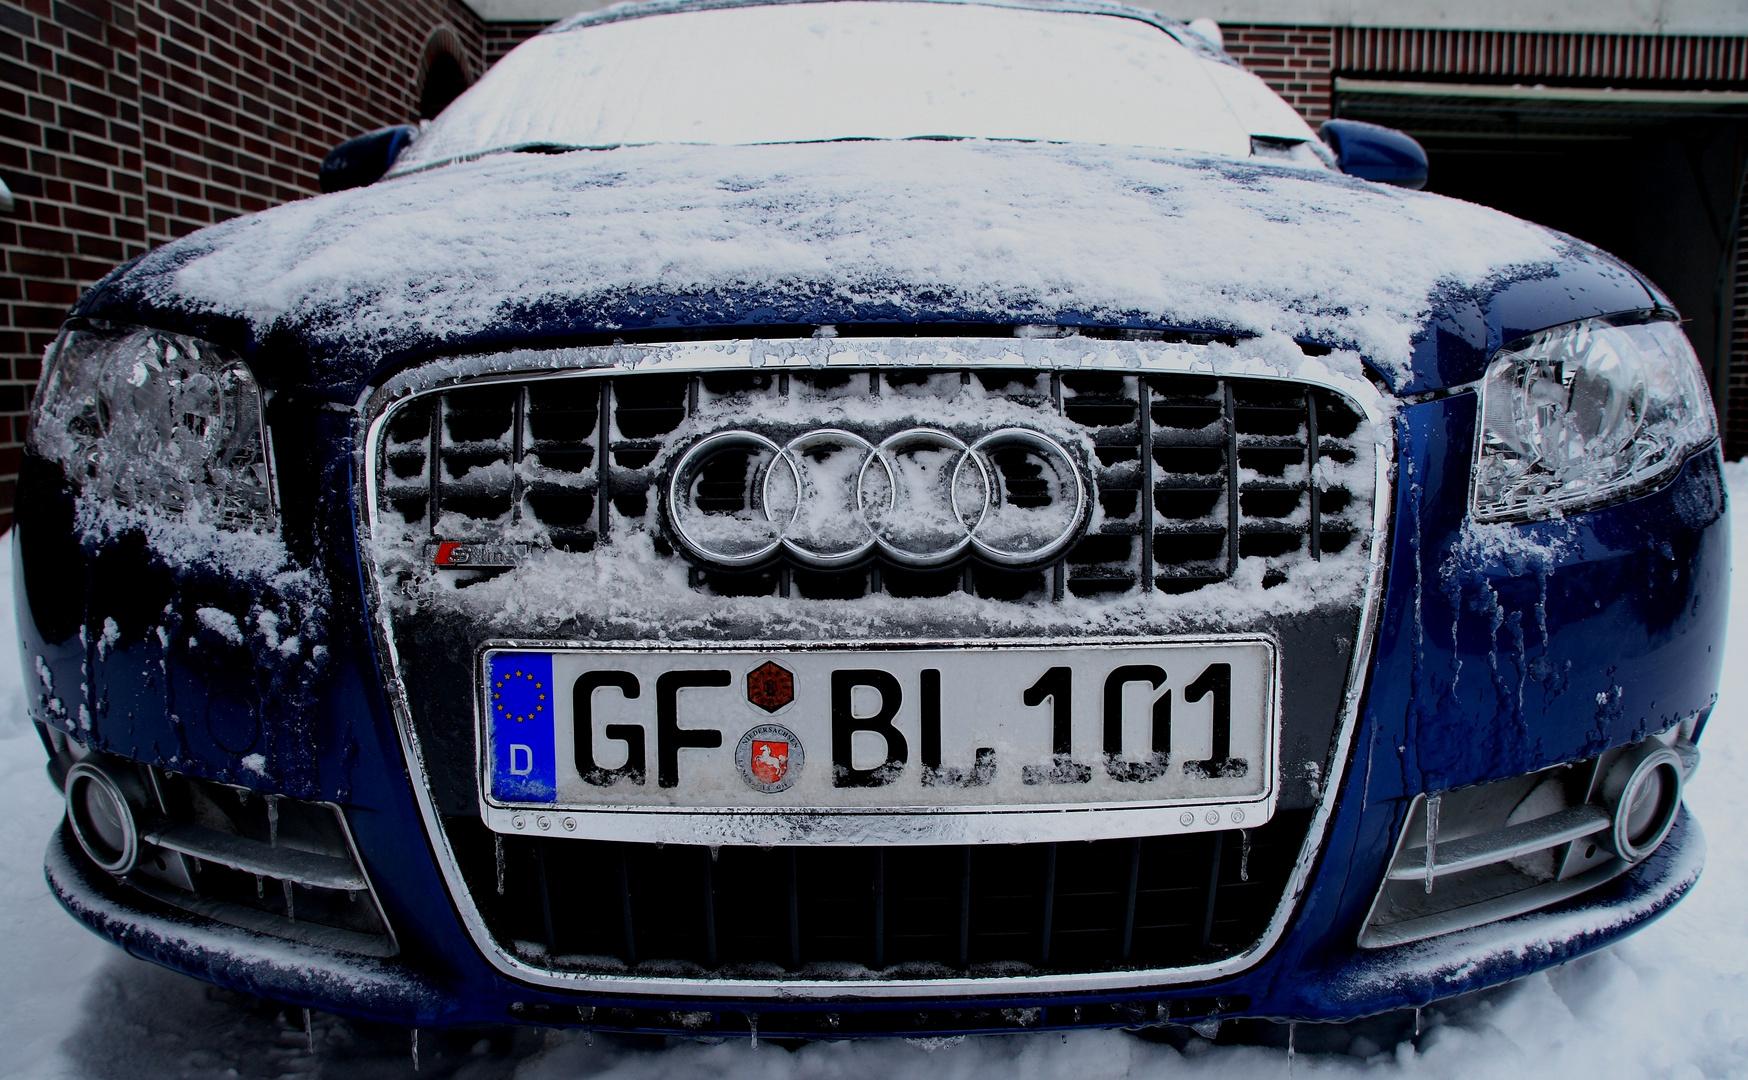 Brrrrrrrr .............ist Mir kalt !